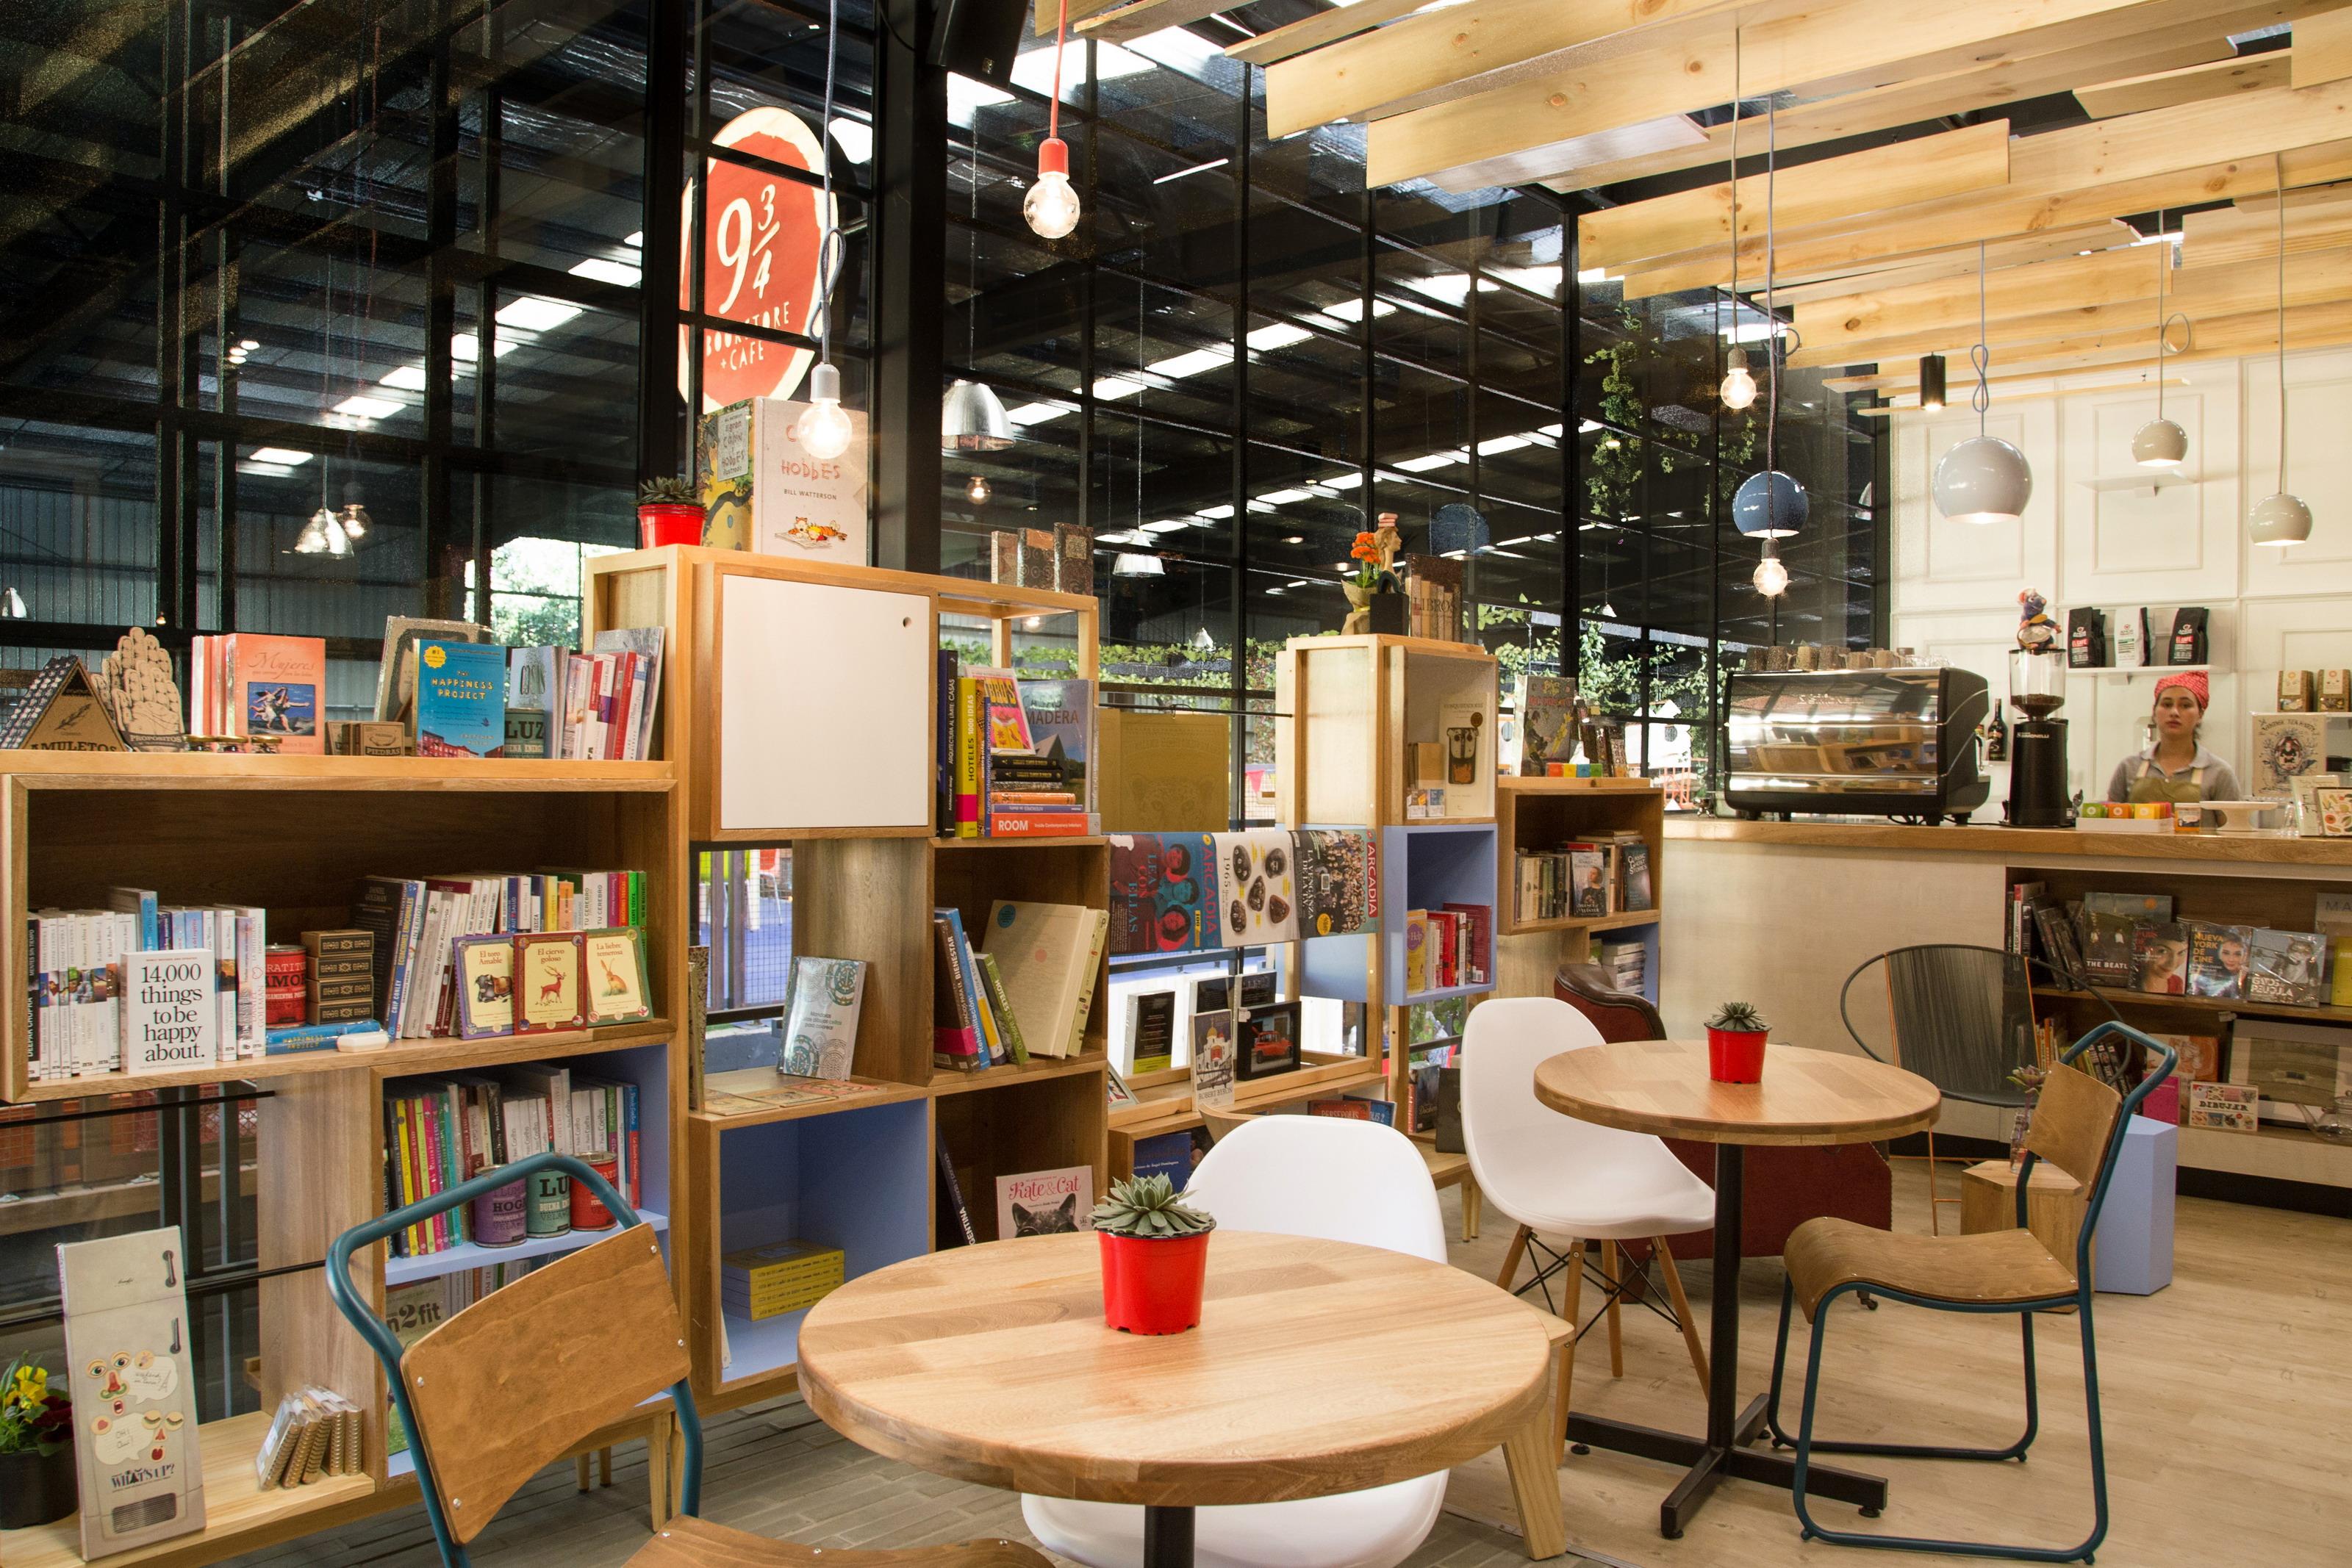 9 ¾ Bookstore + Cafè   Plasma Nodo